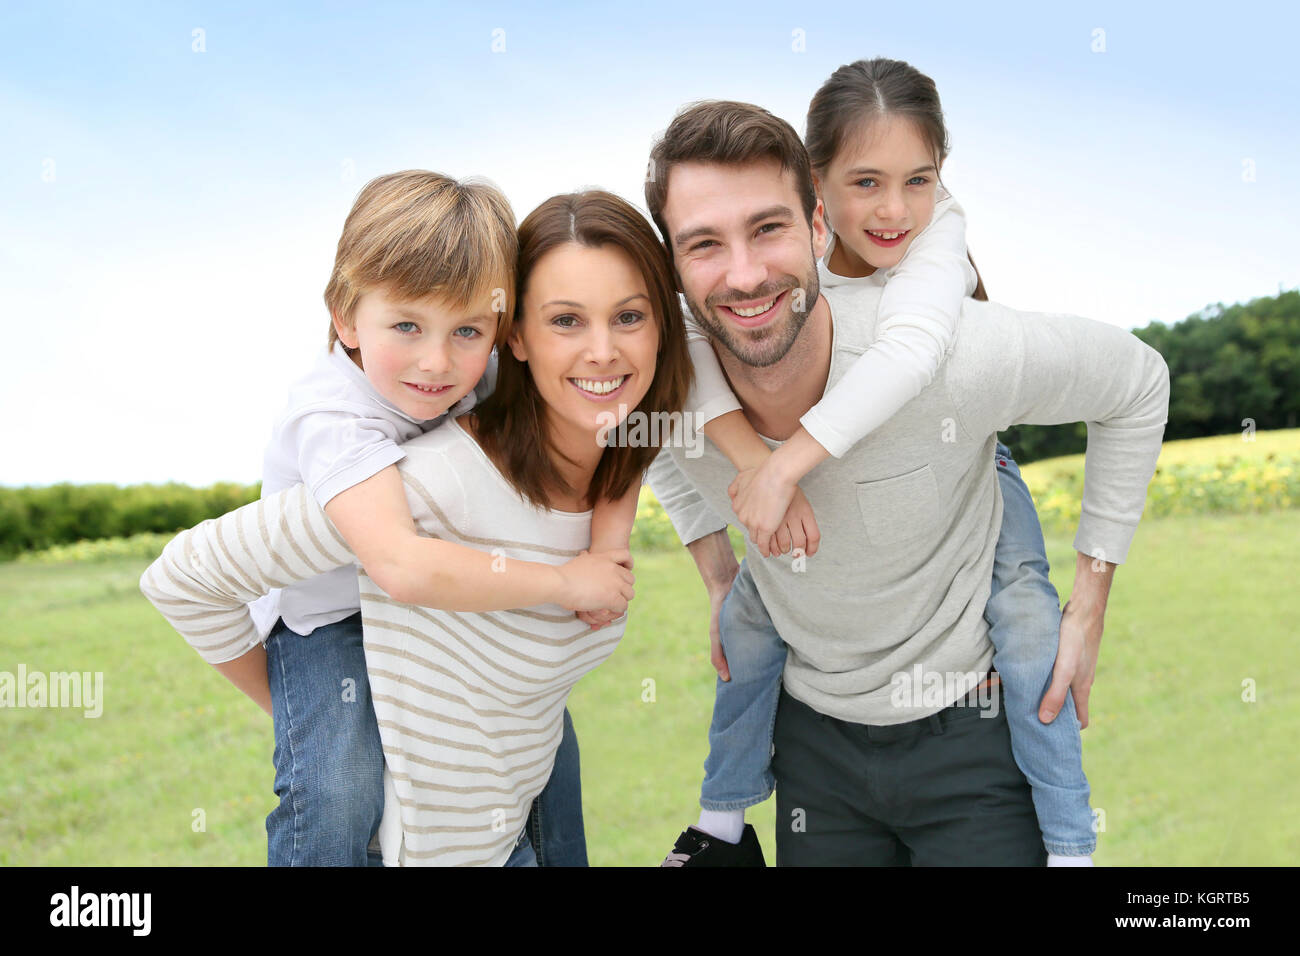 Los padres jóvenes dando piggyback paseo para niños Imagen De Stock